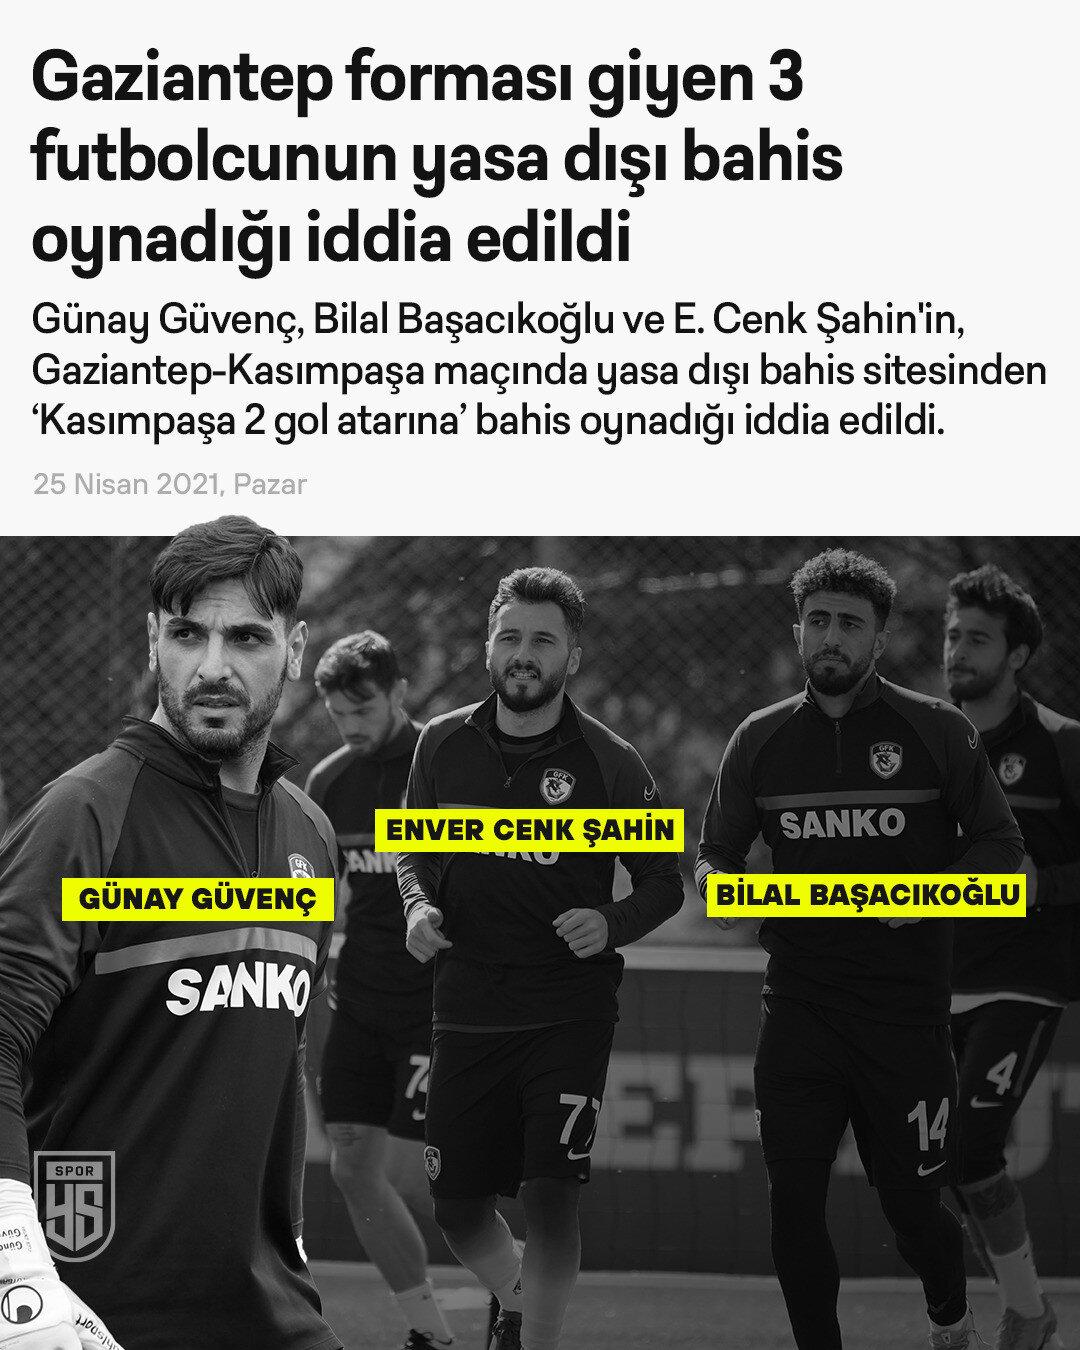 18 Nisan Pazar günü oynanan ve 2-2'lik eşitlikle biten Gaziantep FK-Kasımpaşa maçında; Gaziantep forması giyen 3 futbolcunun 'Kasımpaşa 2 gol atarına' yasa dışı bahis sitelerinden bahis oynadığı iddia edildi.